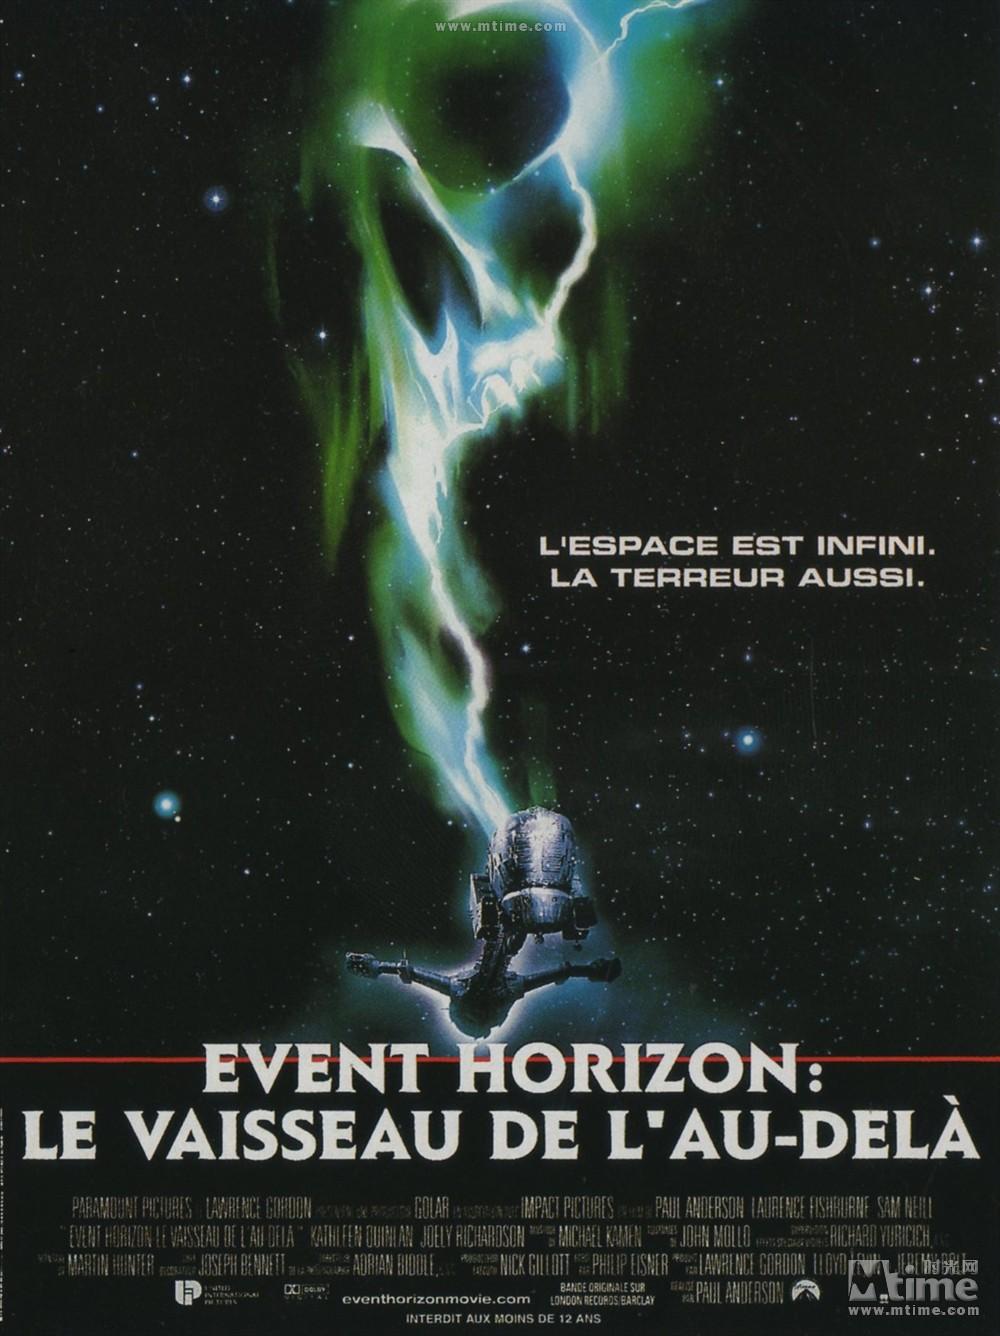 探索宇宙大咖级电影 - 天使哥哥 - 盗爱的船长